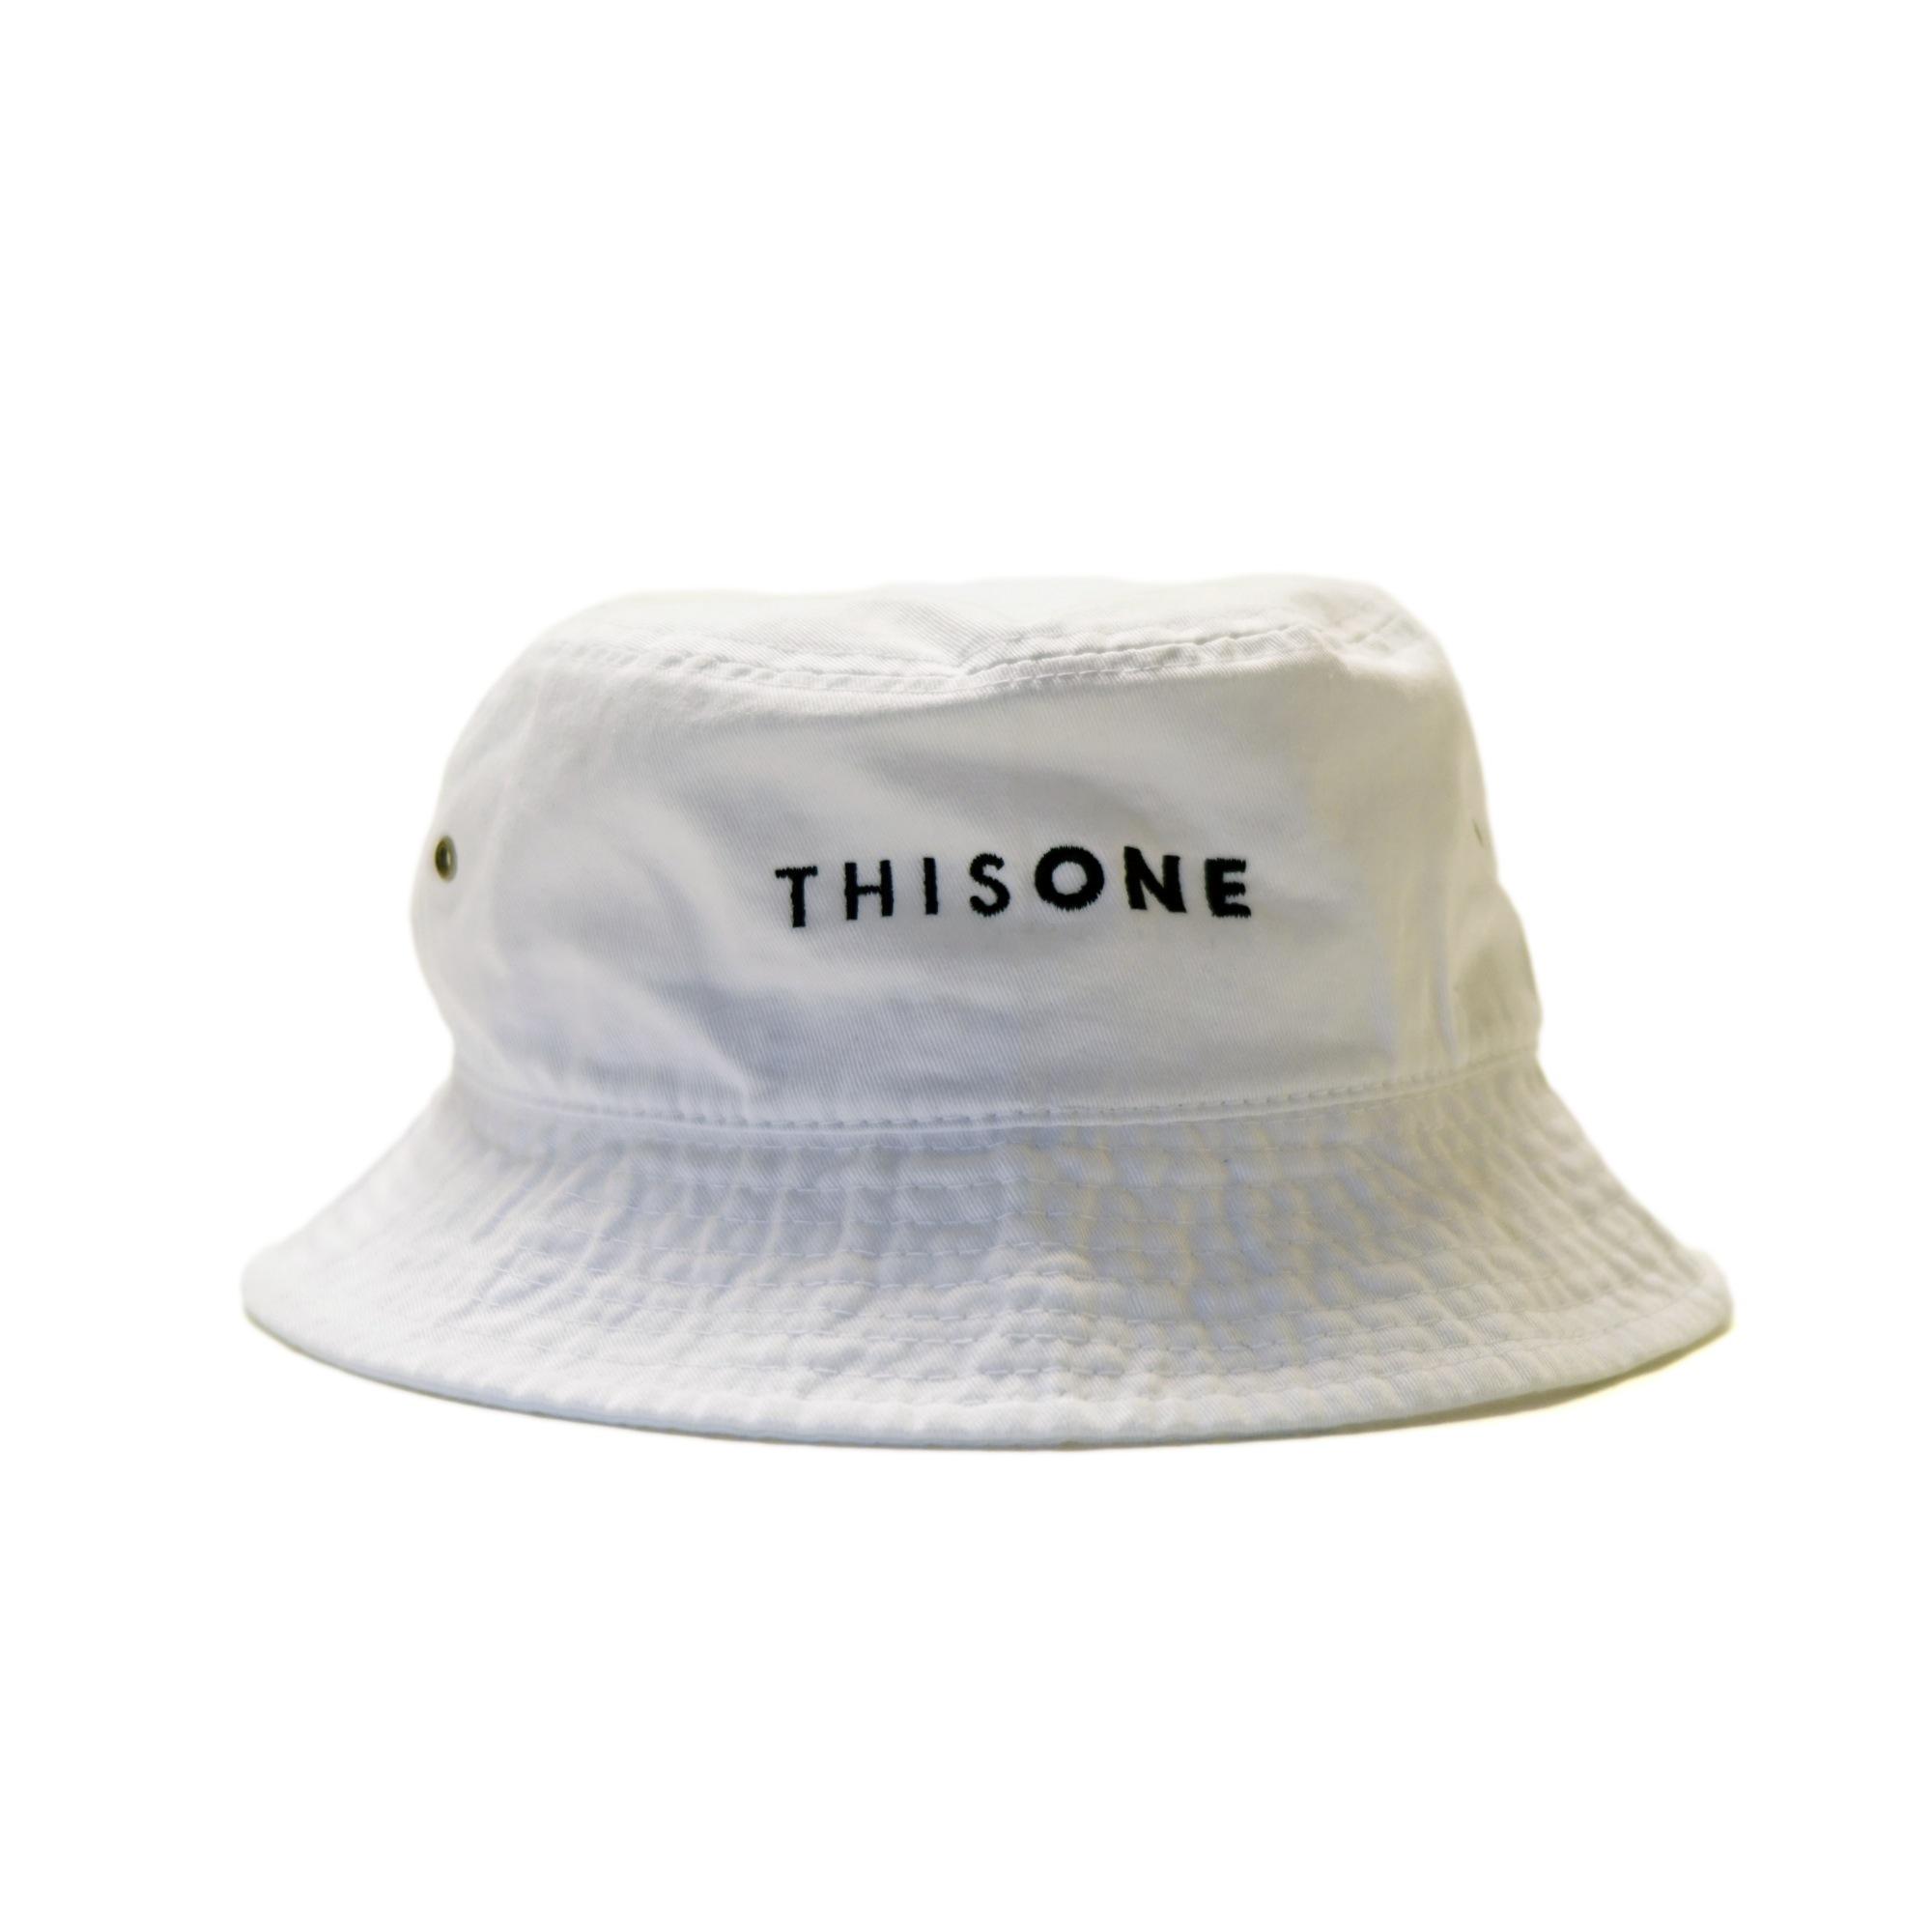 THISONE BUCKET HAT (WHITE)